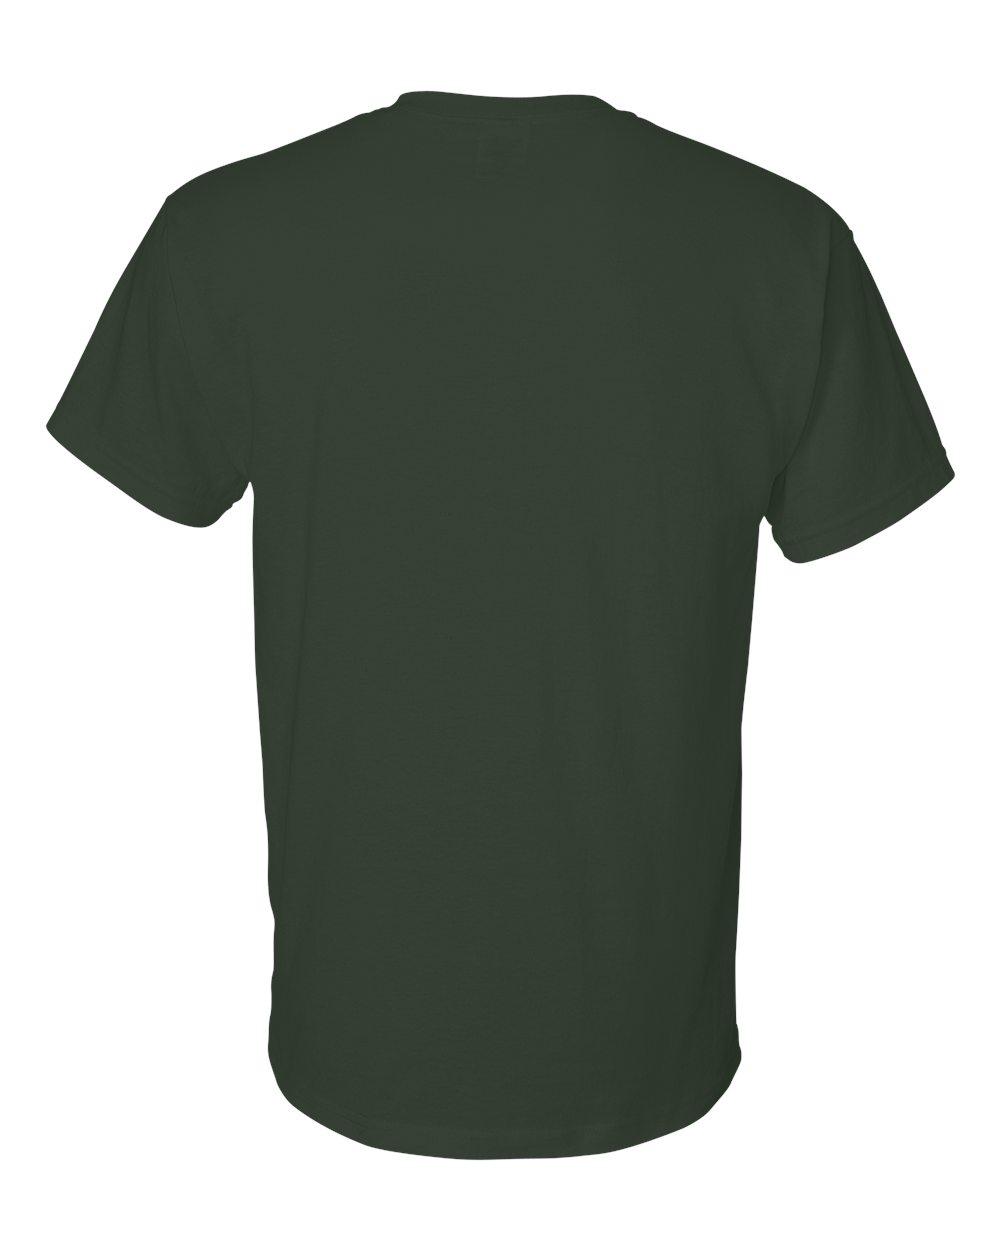 Gildan-Mens-DryBlend-5-6-oz-50-50-T-Shirt-G800-Size-S-5XL thumbnail 27